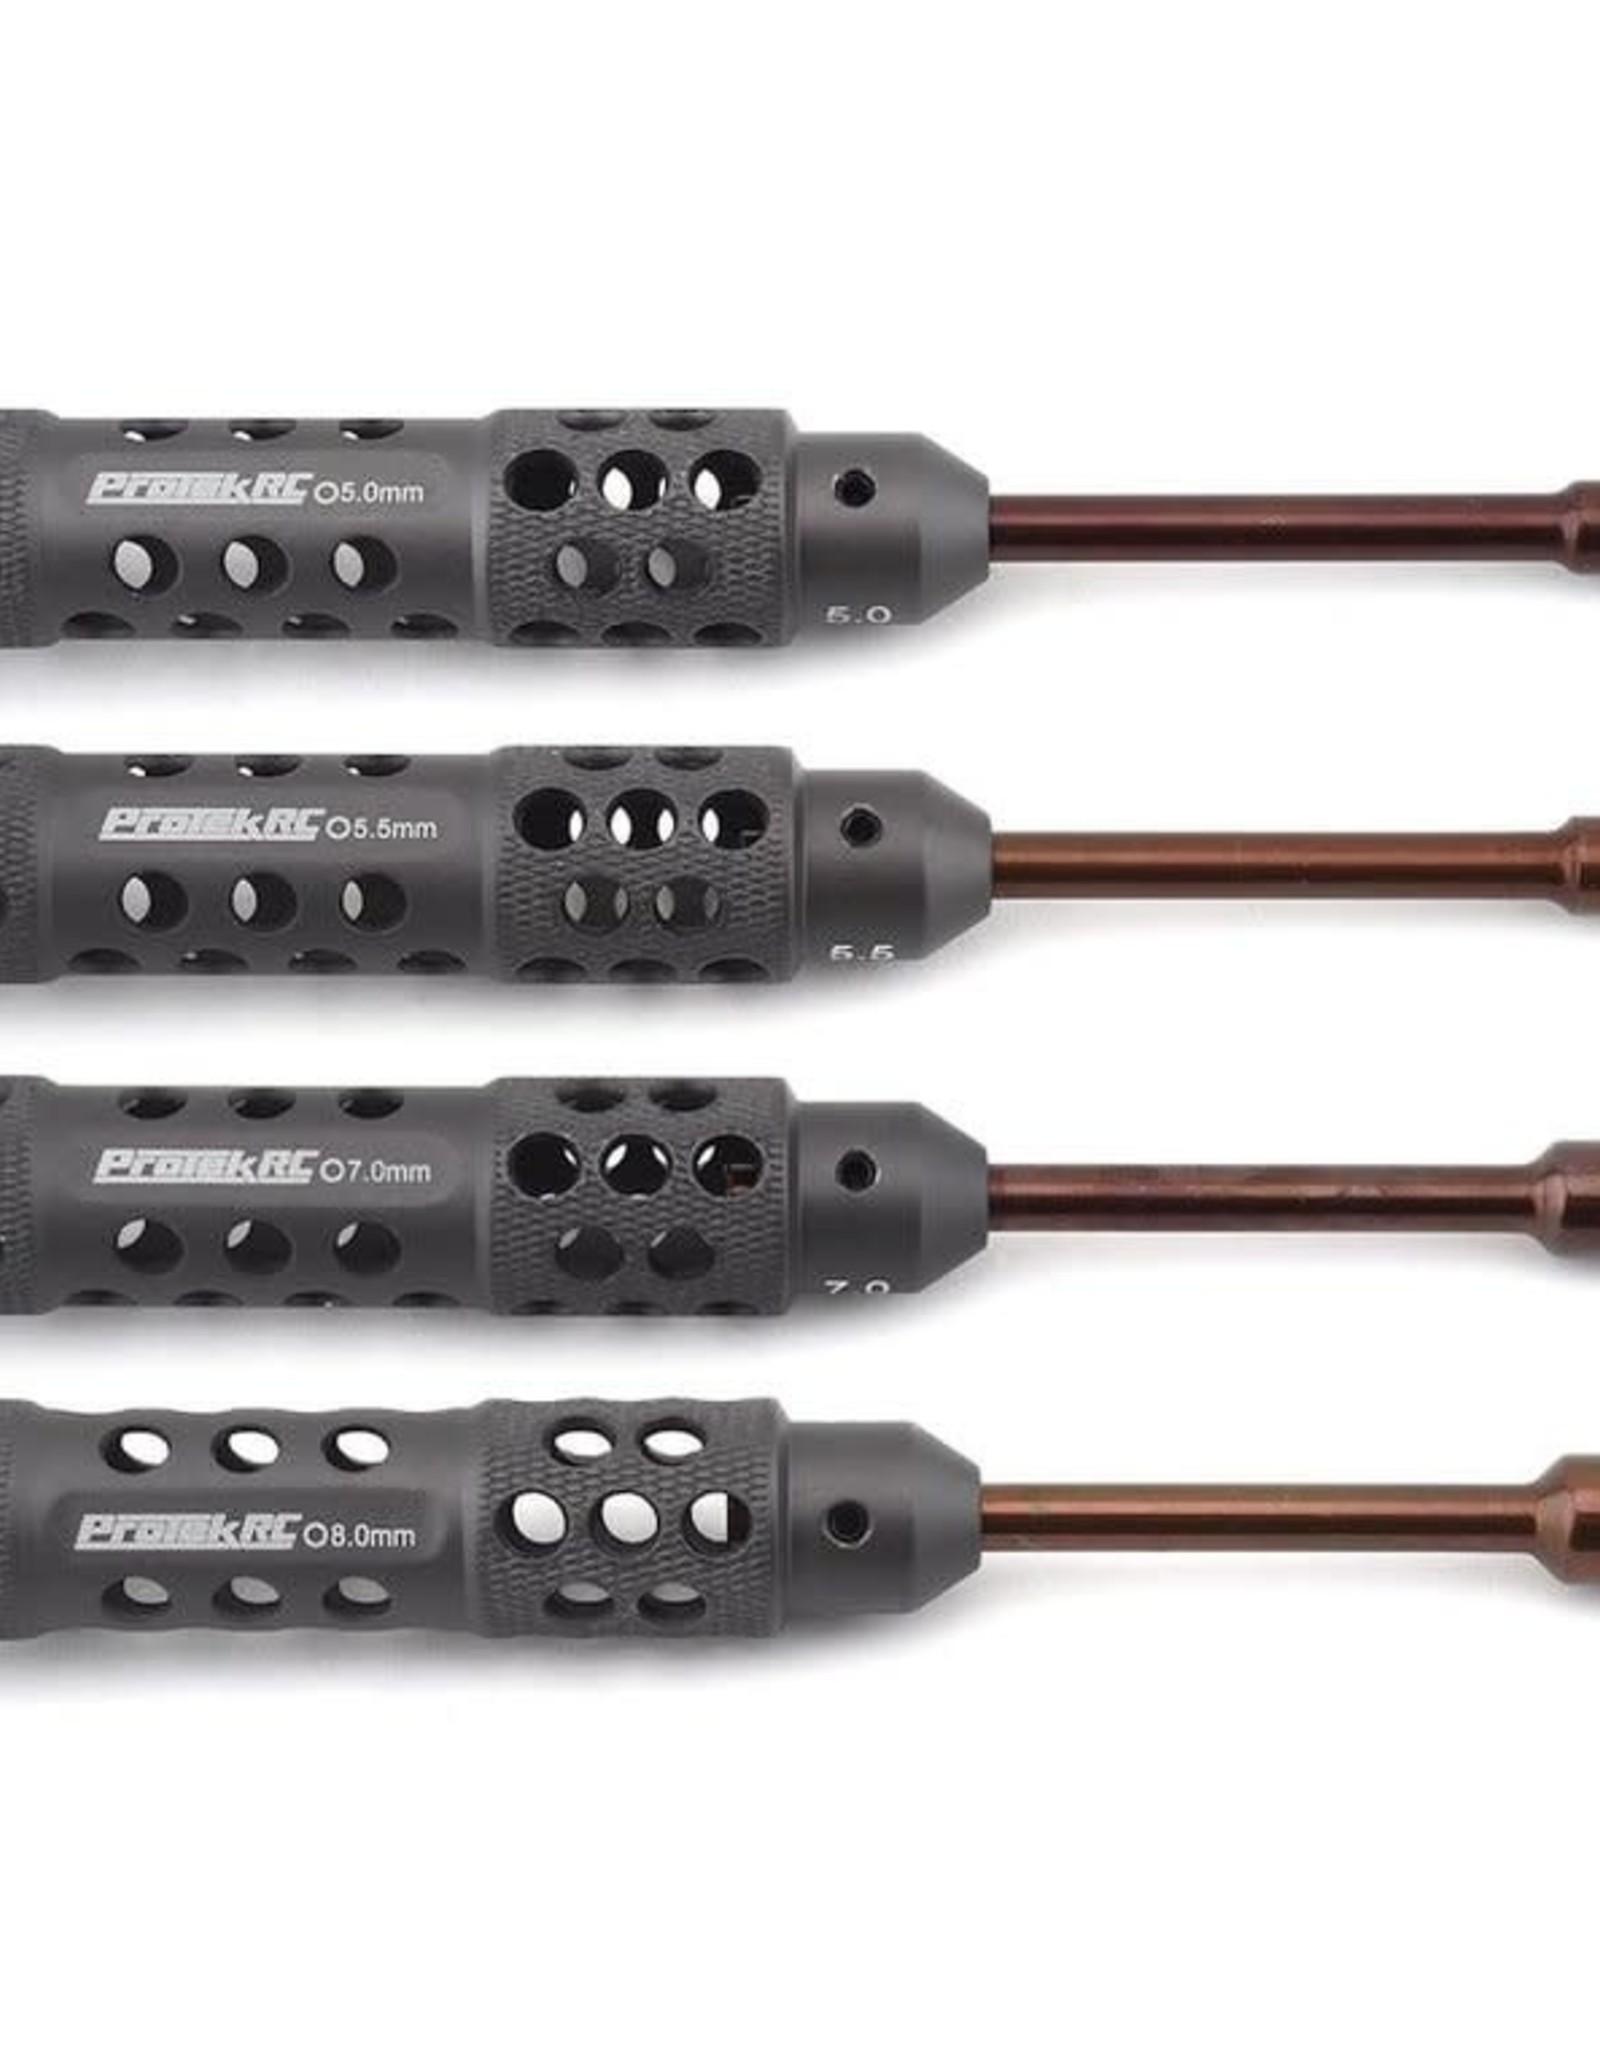 """Protek RC ProTek RC """"TruTorque SL"""" 4-Piece Metric Nut Driver Set (5.0, 5.5, 7.0, 8.0mm)"""